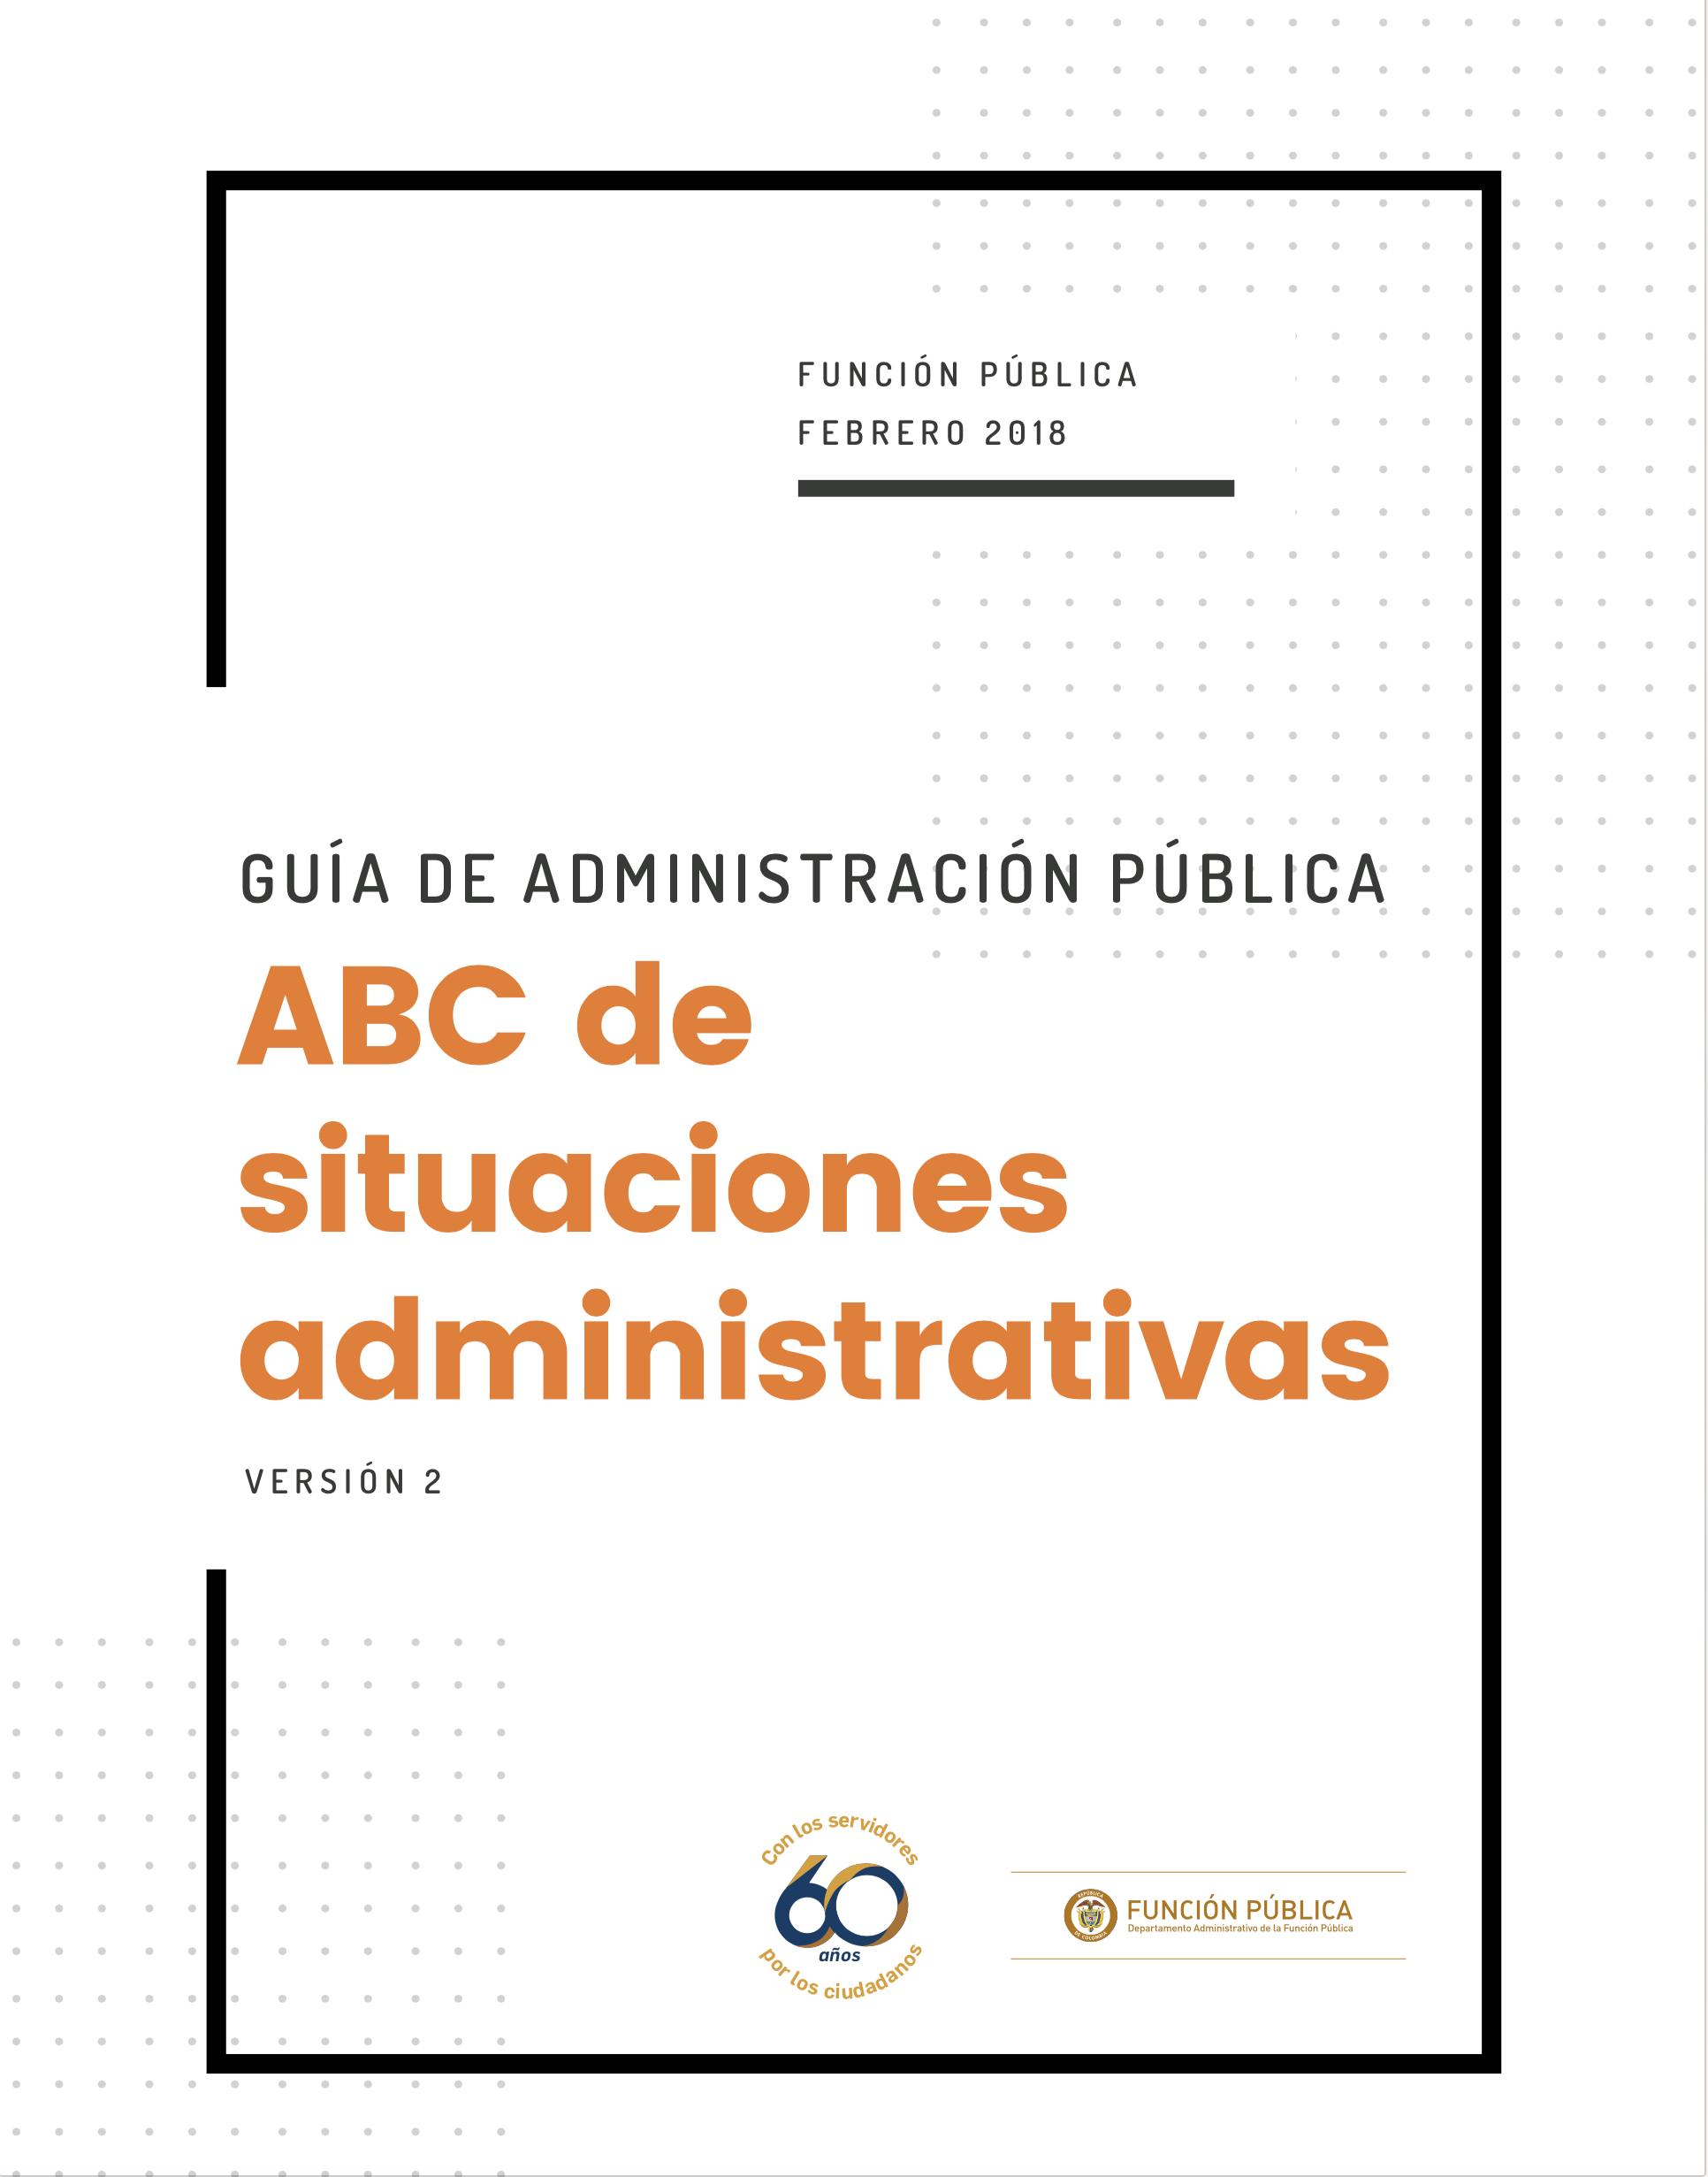 ABC de situaciones administrativas